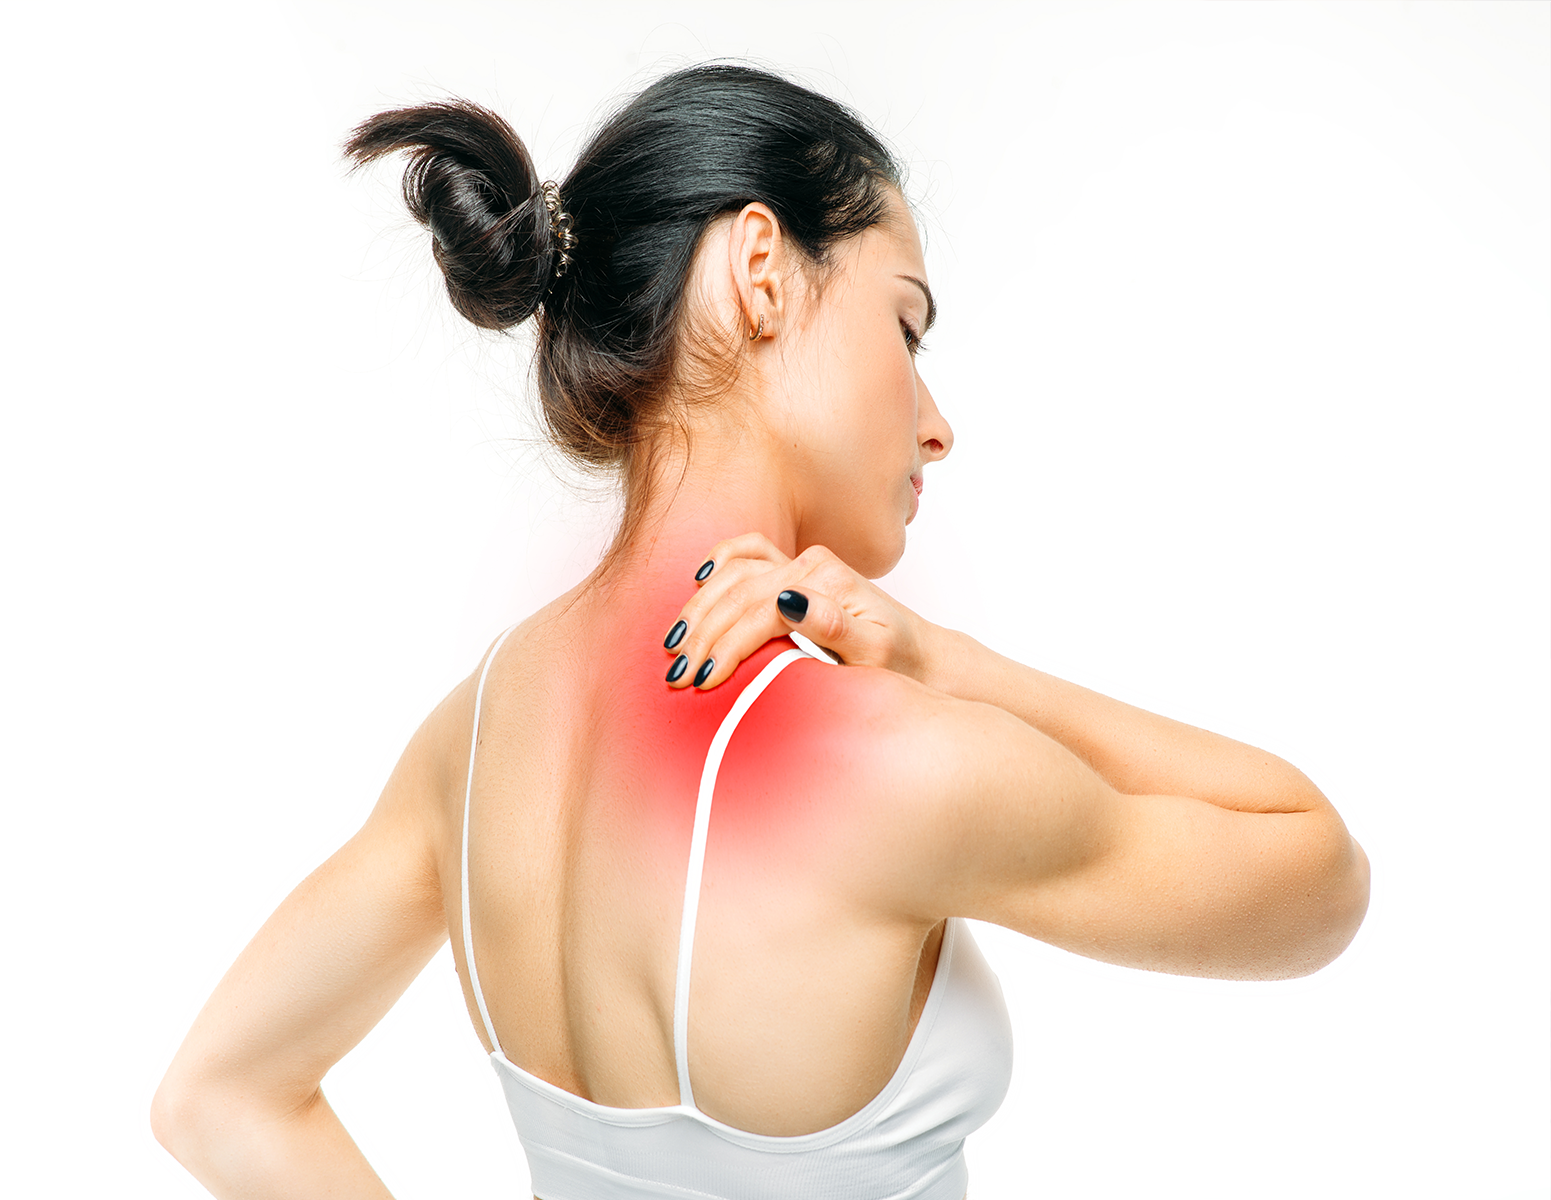 joint pain Client